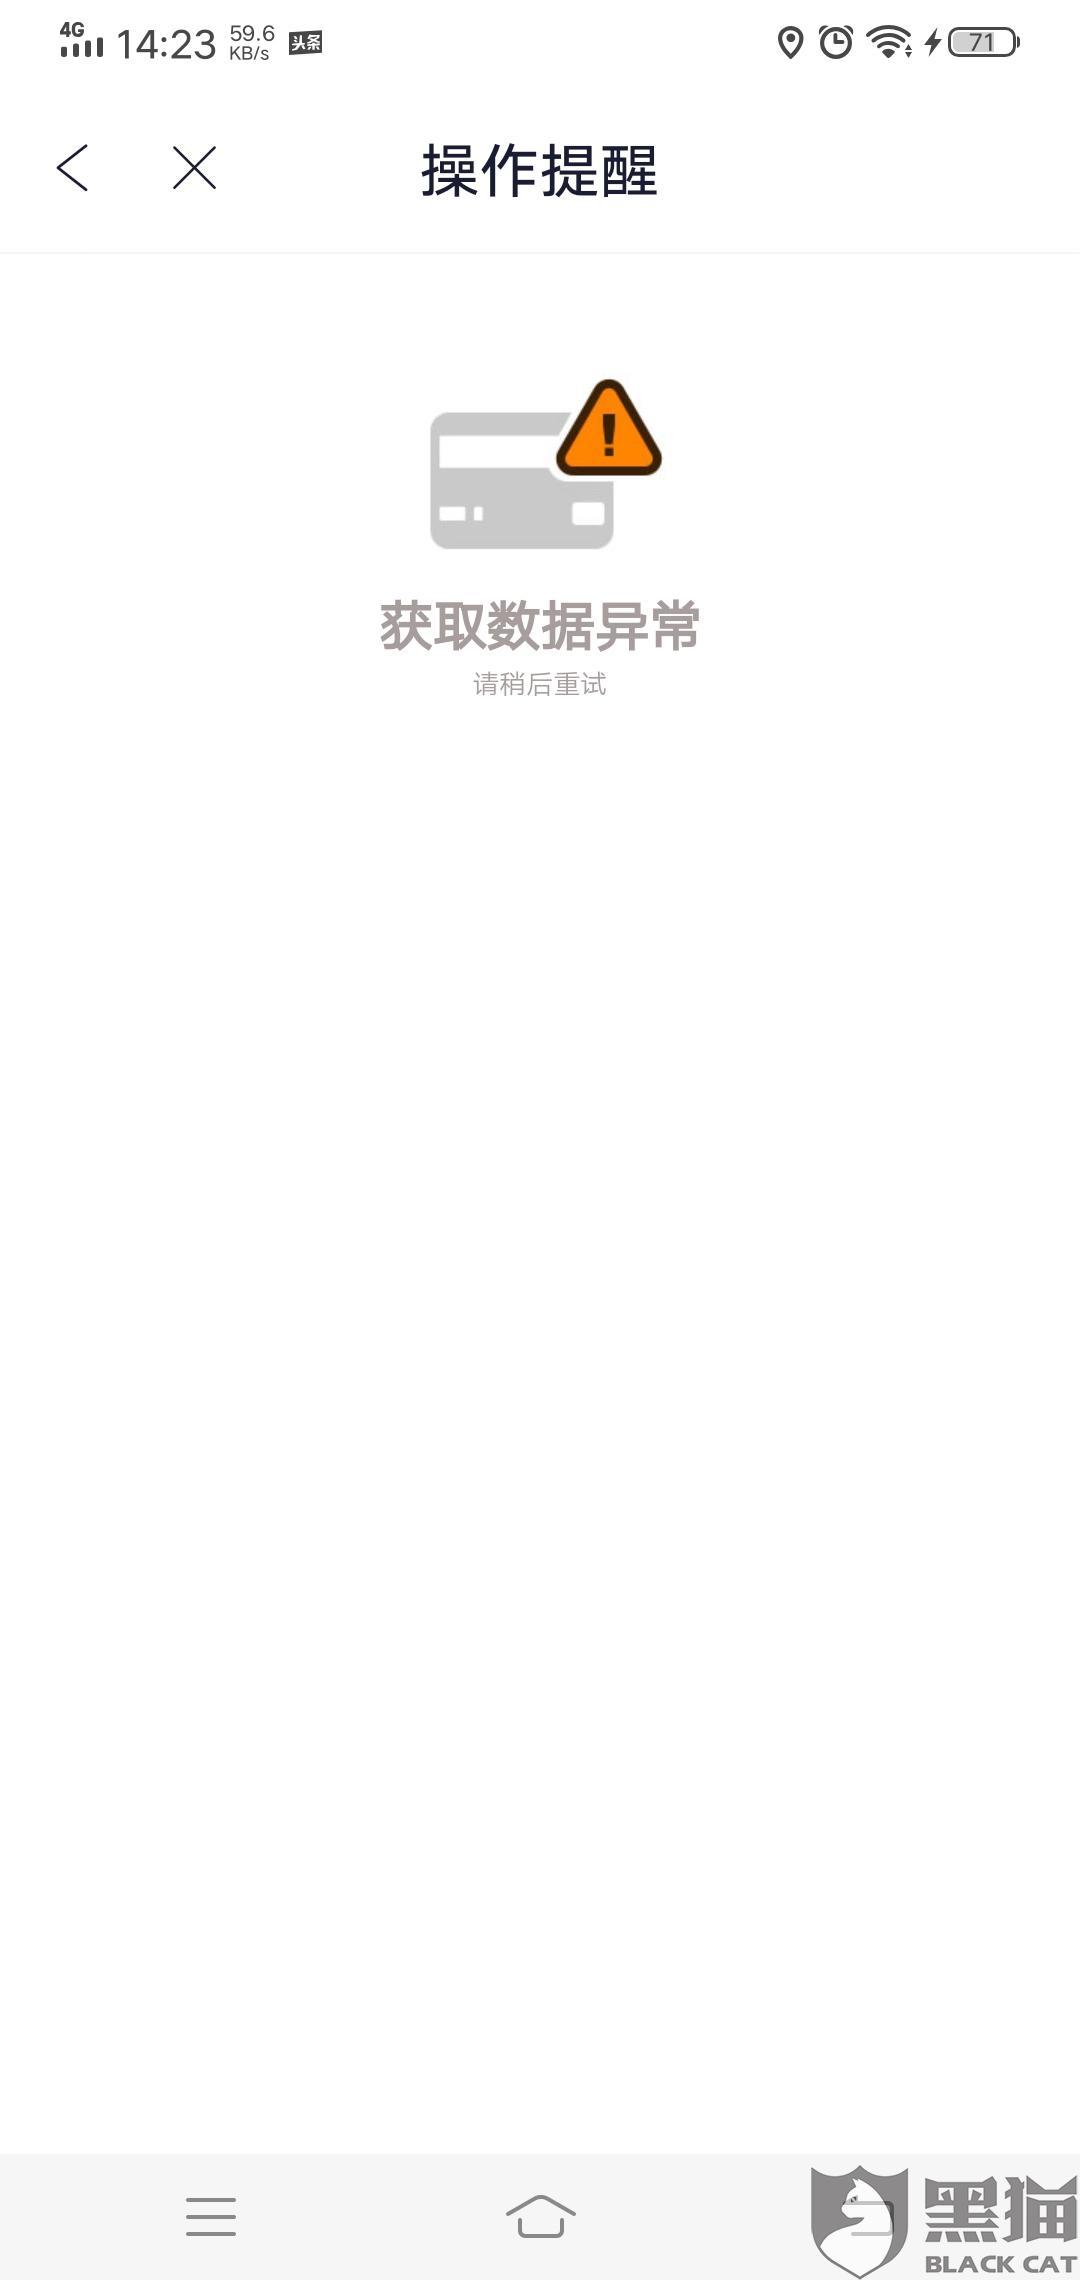 黑猫投诉:中经汇通预付卡小马车主卡长期不能使用,退款无门